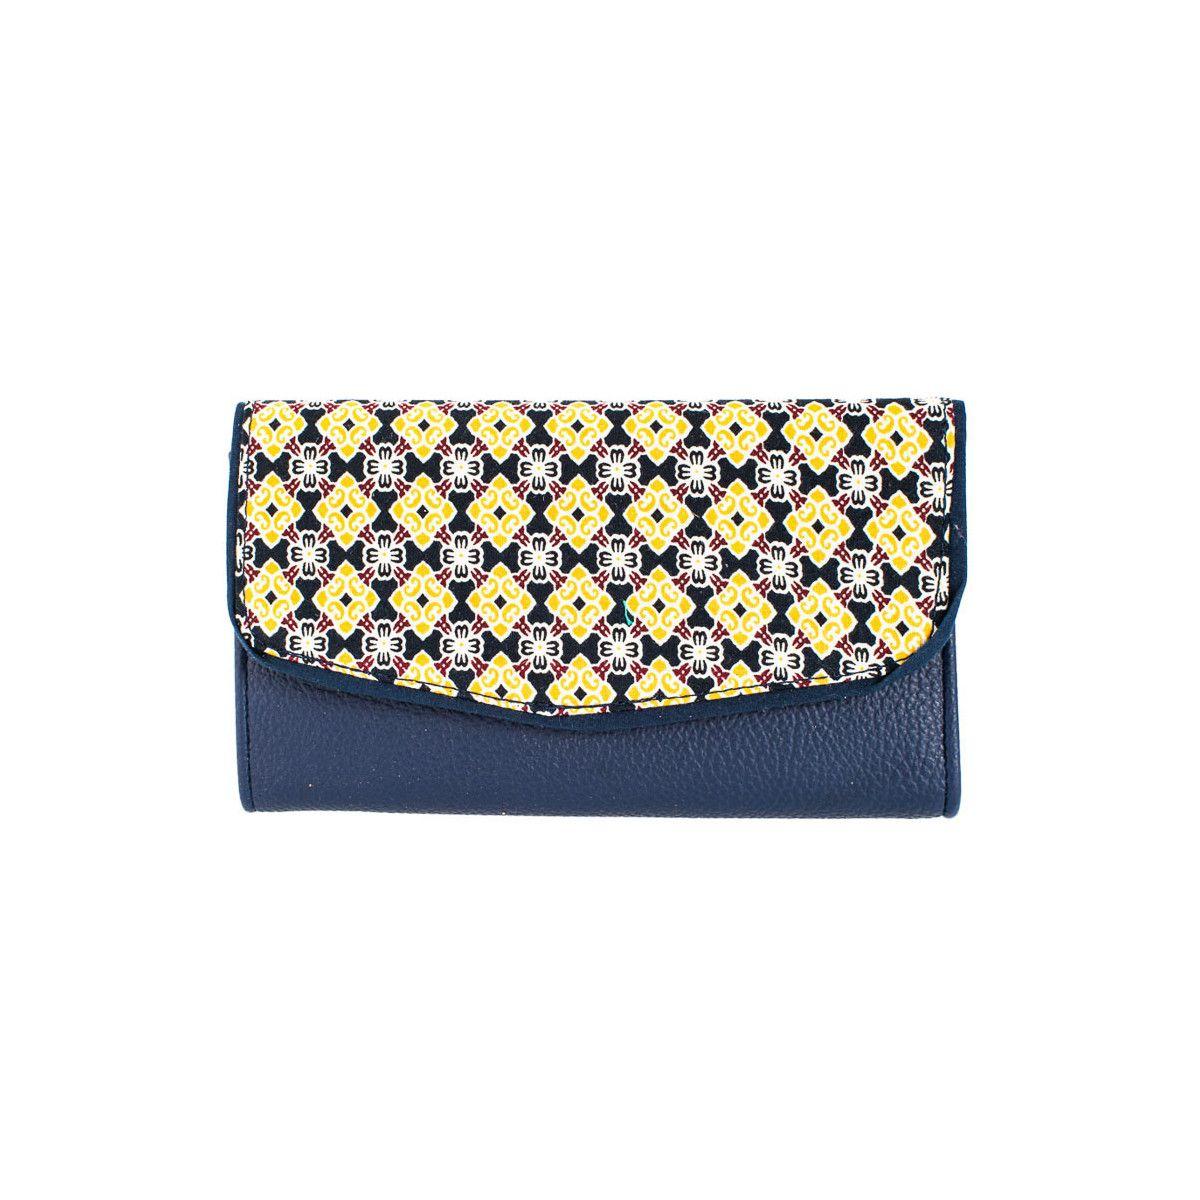 Portefeuille coton bleu marine et jaune